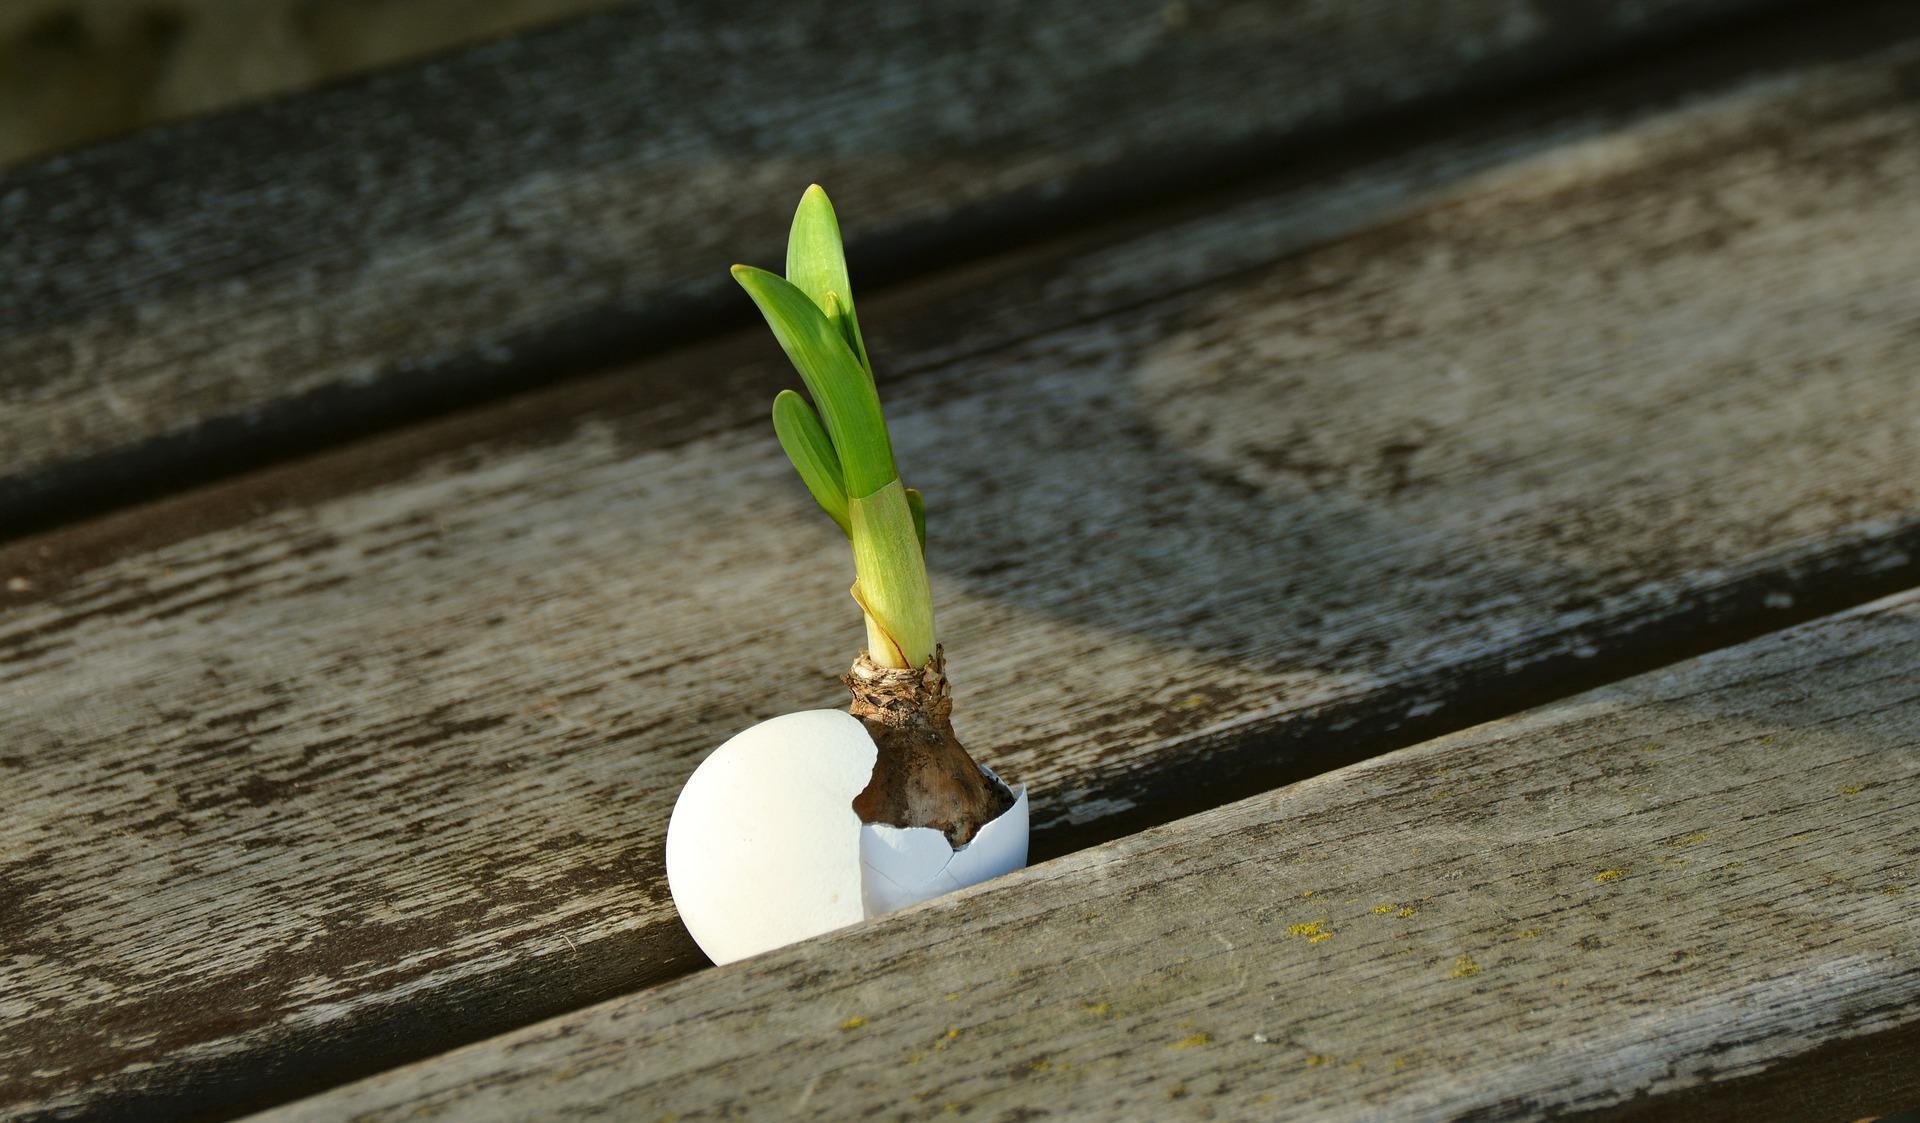 onion 2013174 1920 - Tout est dans l'oeuf - Divination kaoticienne pratique